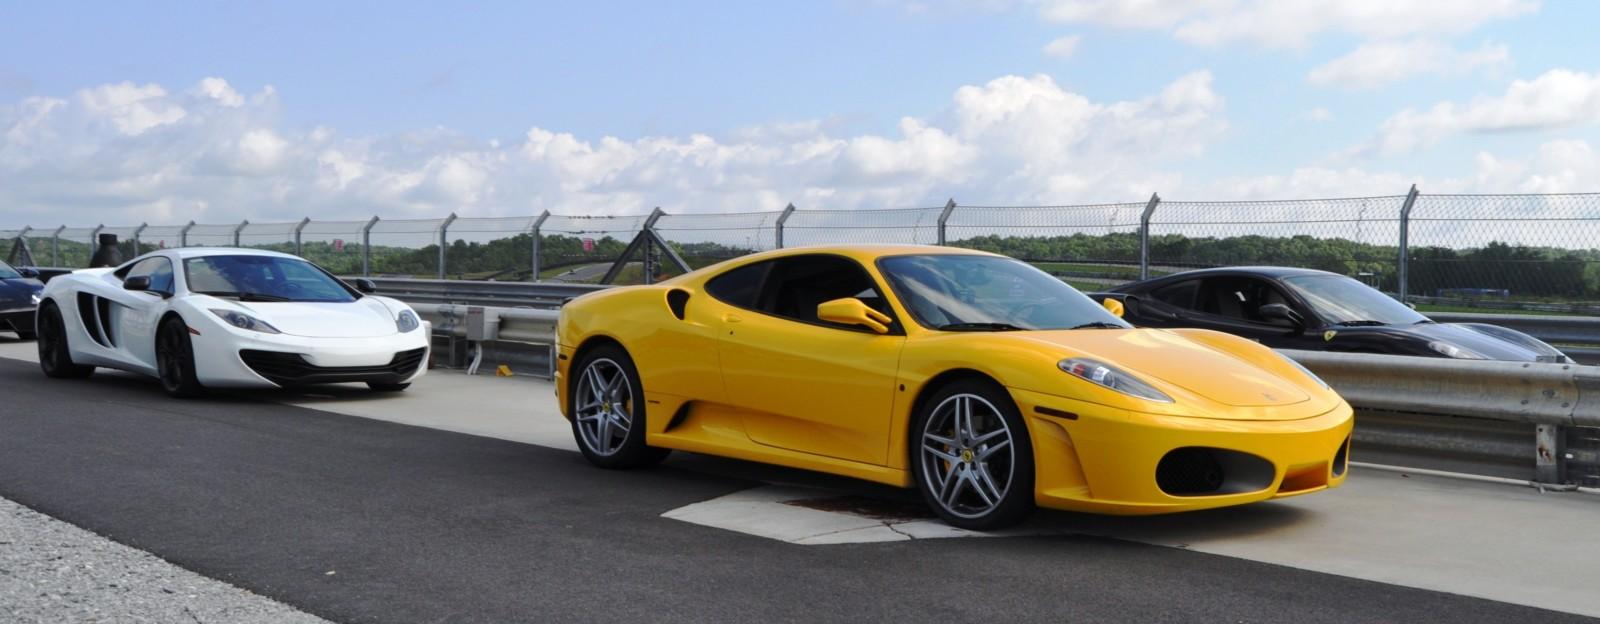 Beating the Supercar Paradox - 2007 Ferrari F430 at Velocity Motorsports Supercar Track Drive 8